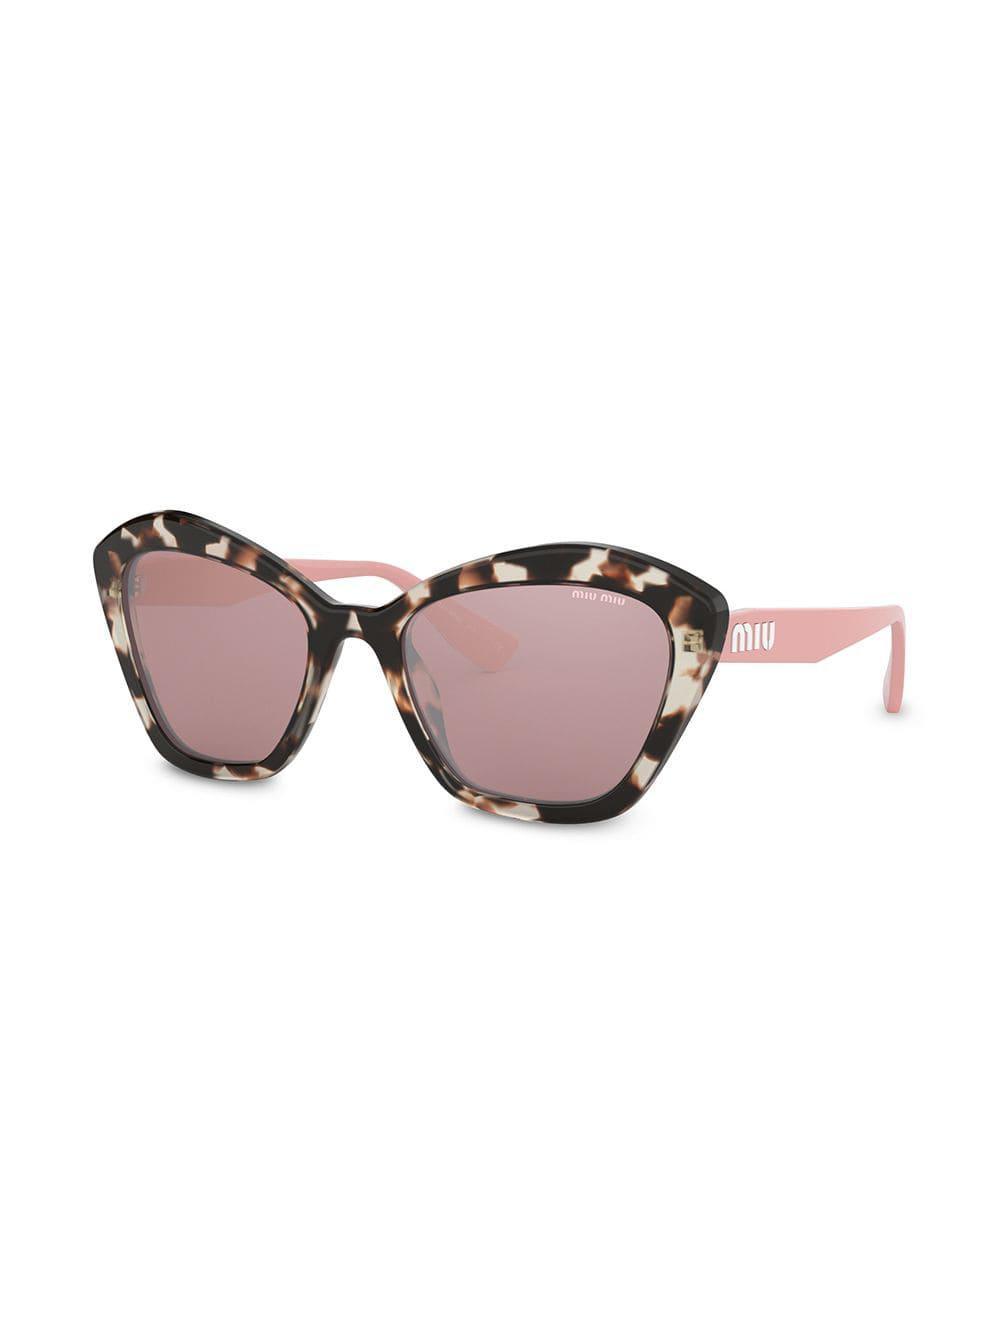 6745eef71ac0 Lyst - Miu Miu Oversized Cat-eye Sunglasses in Brown